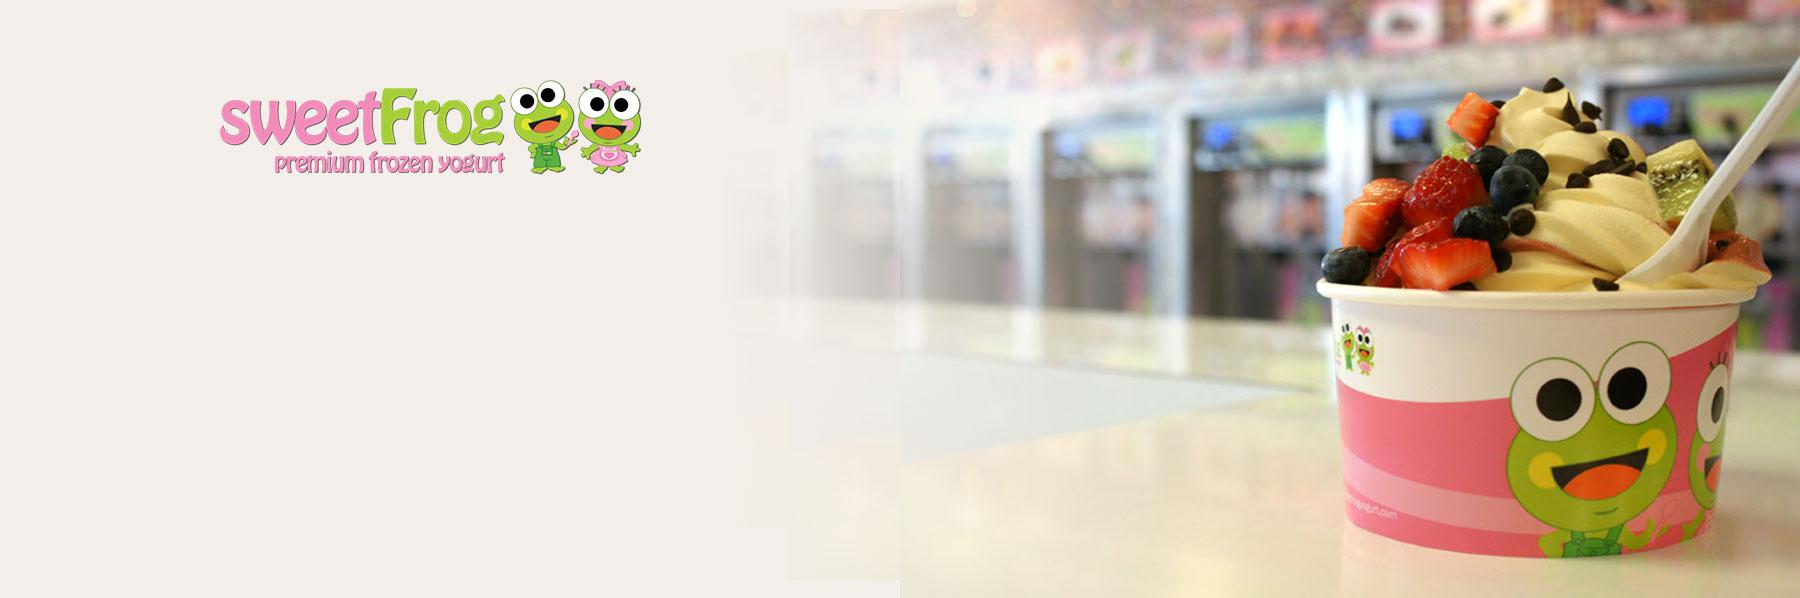 sweetfrog.jpg